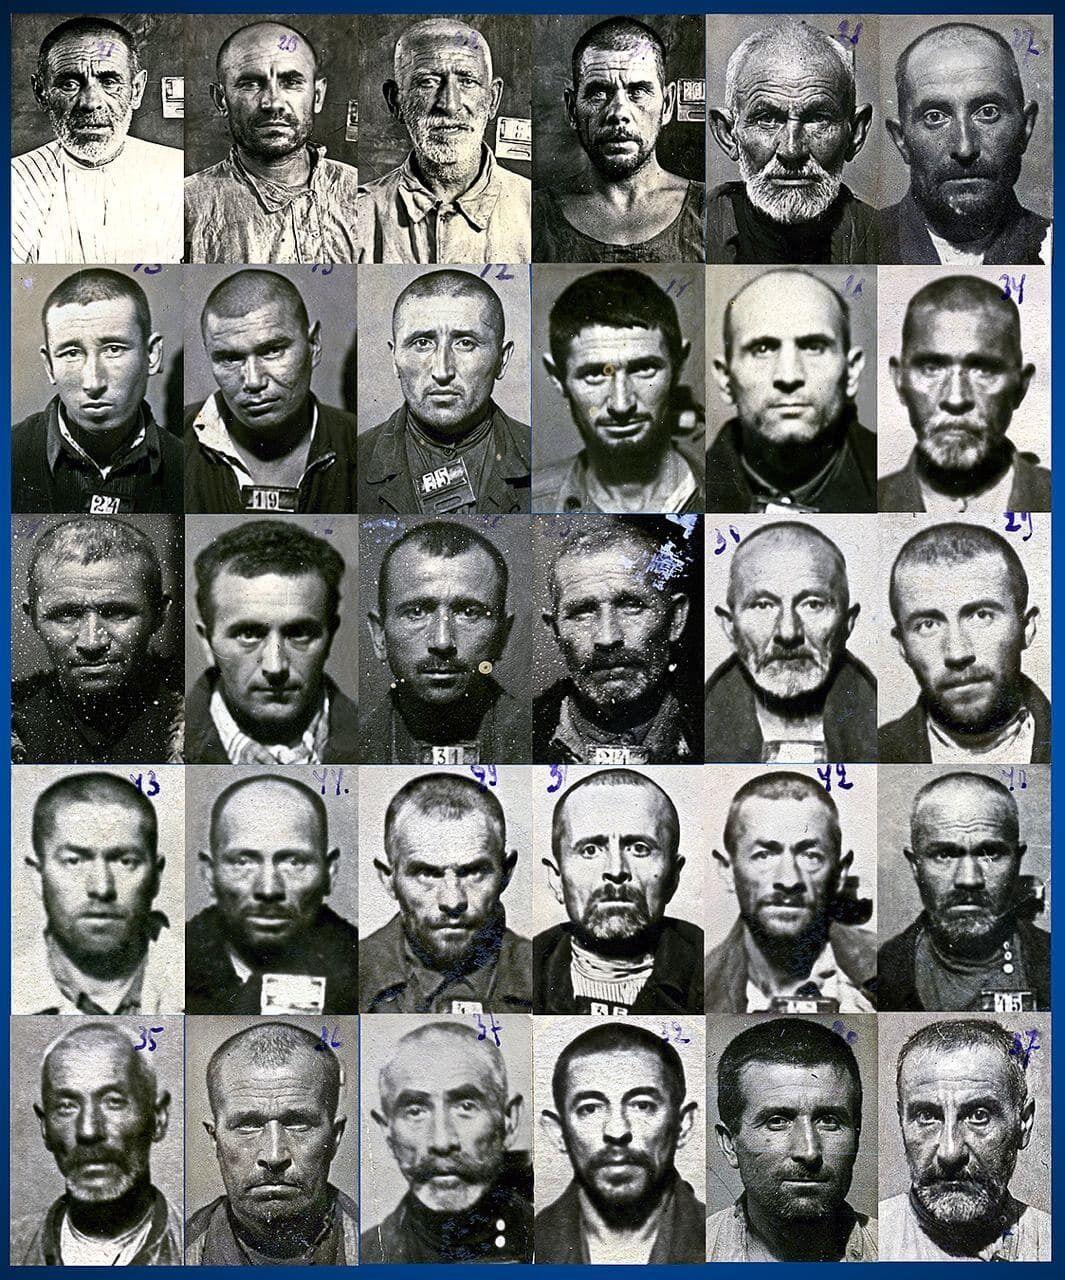 Фото расстрелянных в 30-х годах крымских татар.